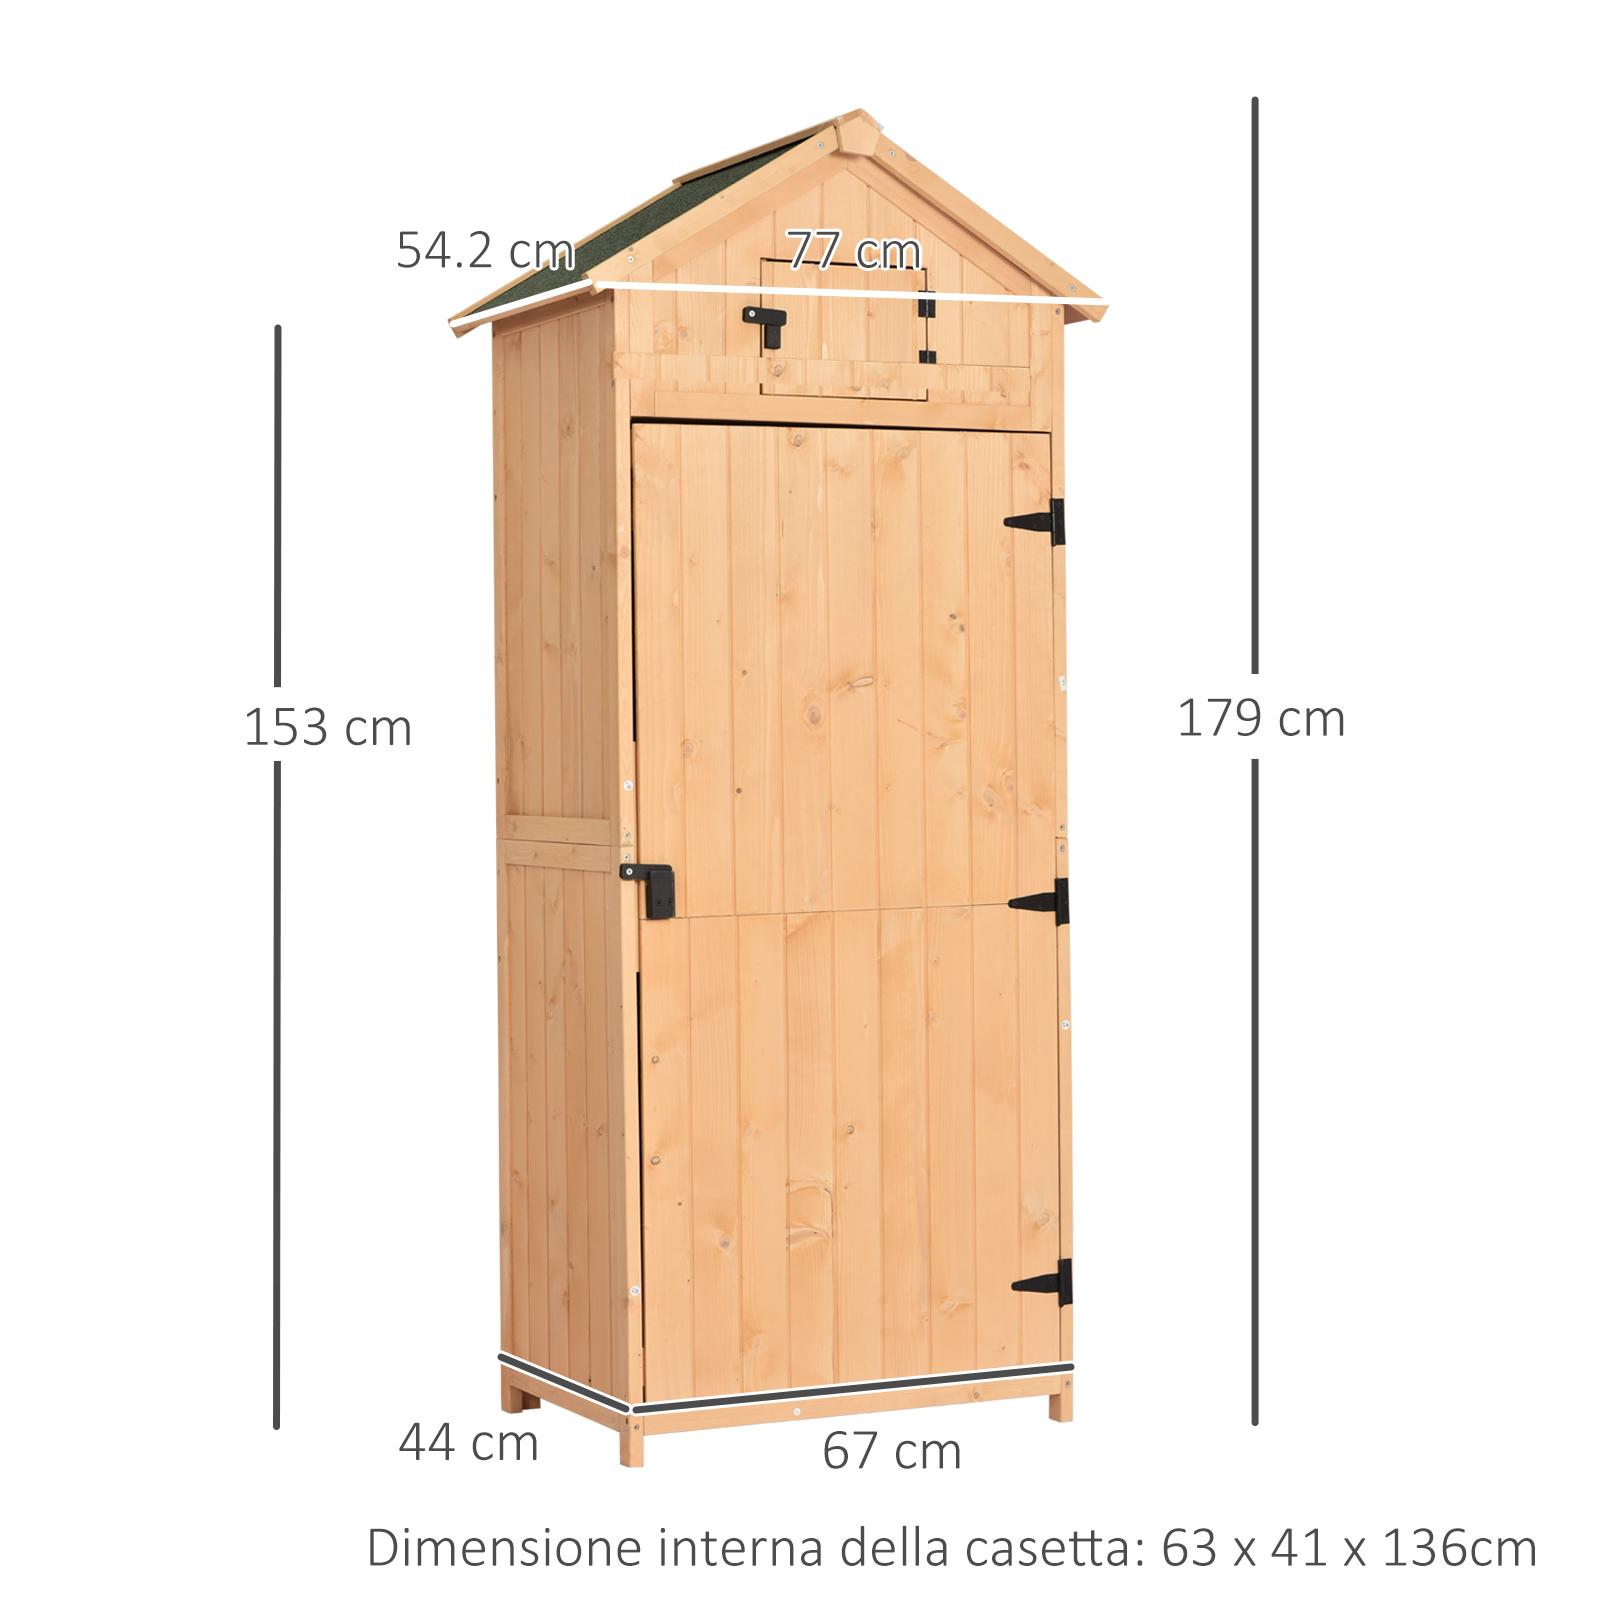 miniatura 23 - Outsunny  Armadietto da Giardino Esterno Porta Attrezzi in Legno con 3 Mensole